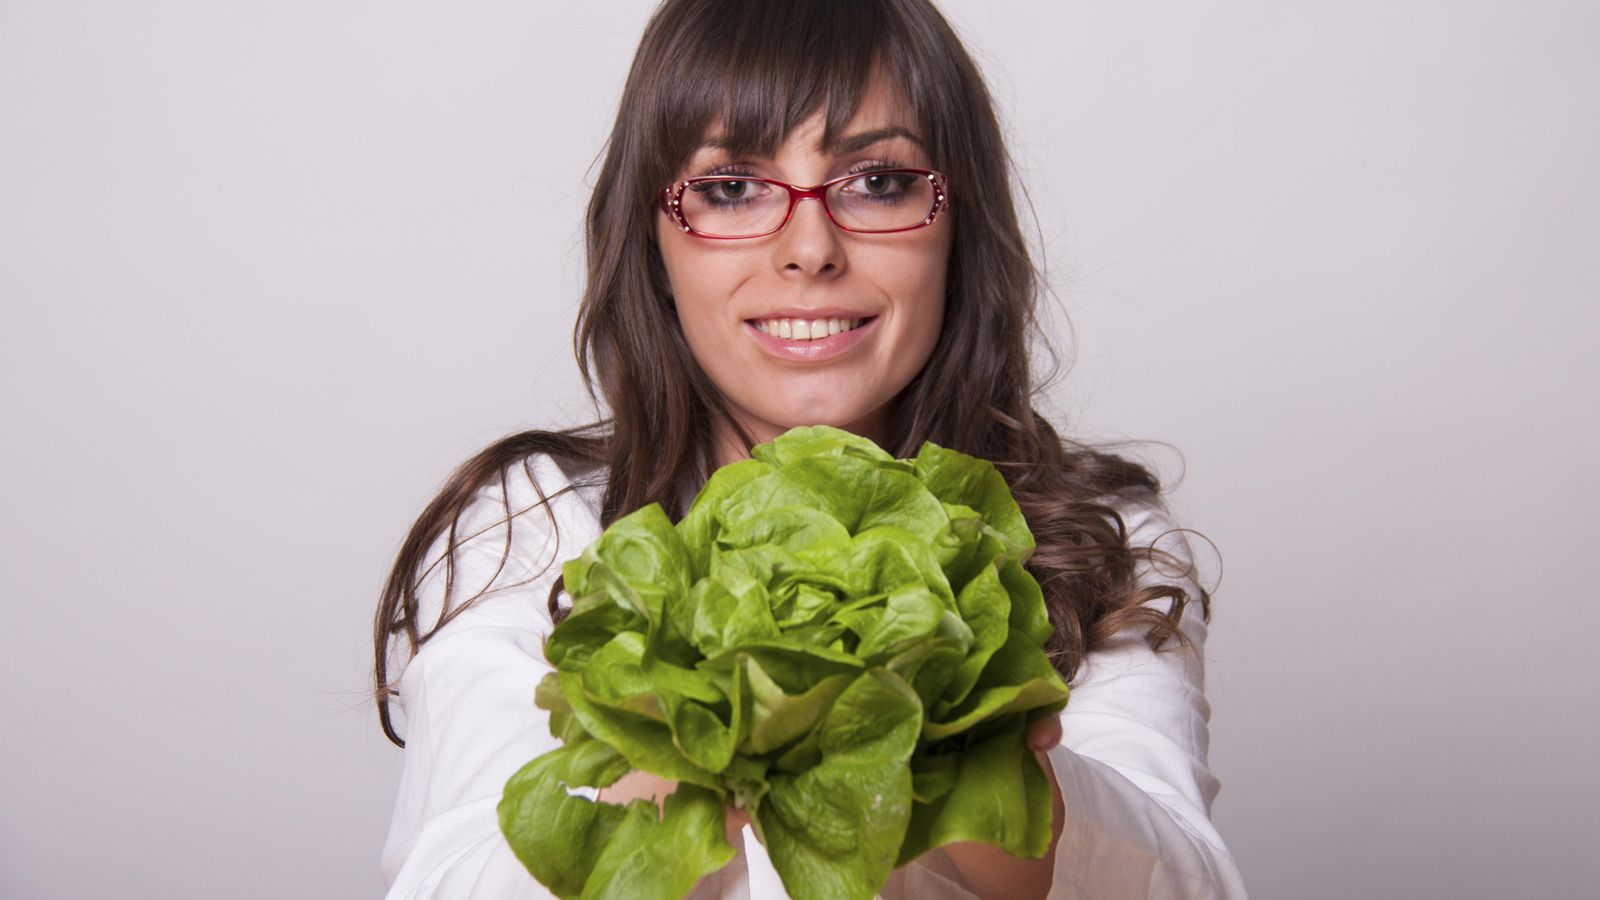 Foto: A ver nutricionista... ¡véndelo un poquito mejor mujer! (iStock)